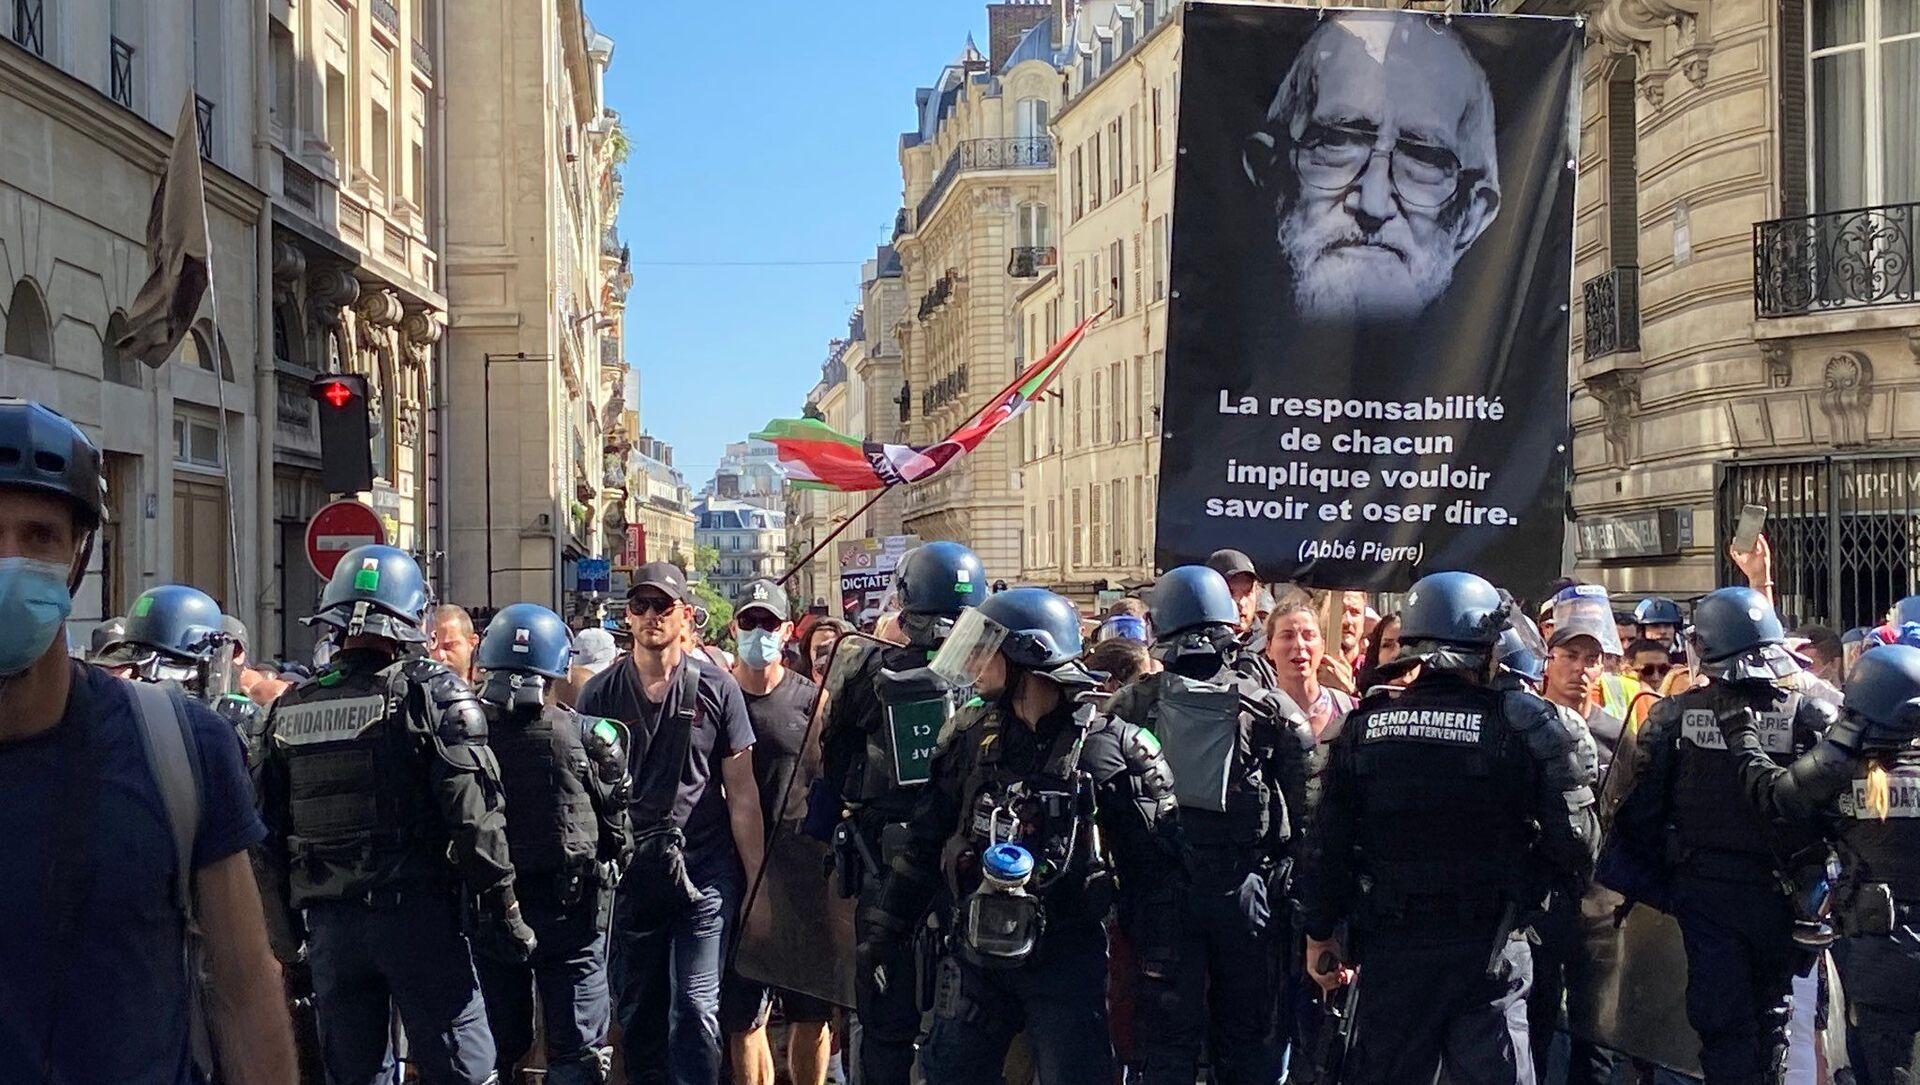 Manifestation contre le pass sanitaire à Paris, 14 août 2021 - Sputnik France, 1920, 15.08.2021